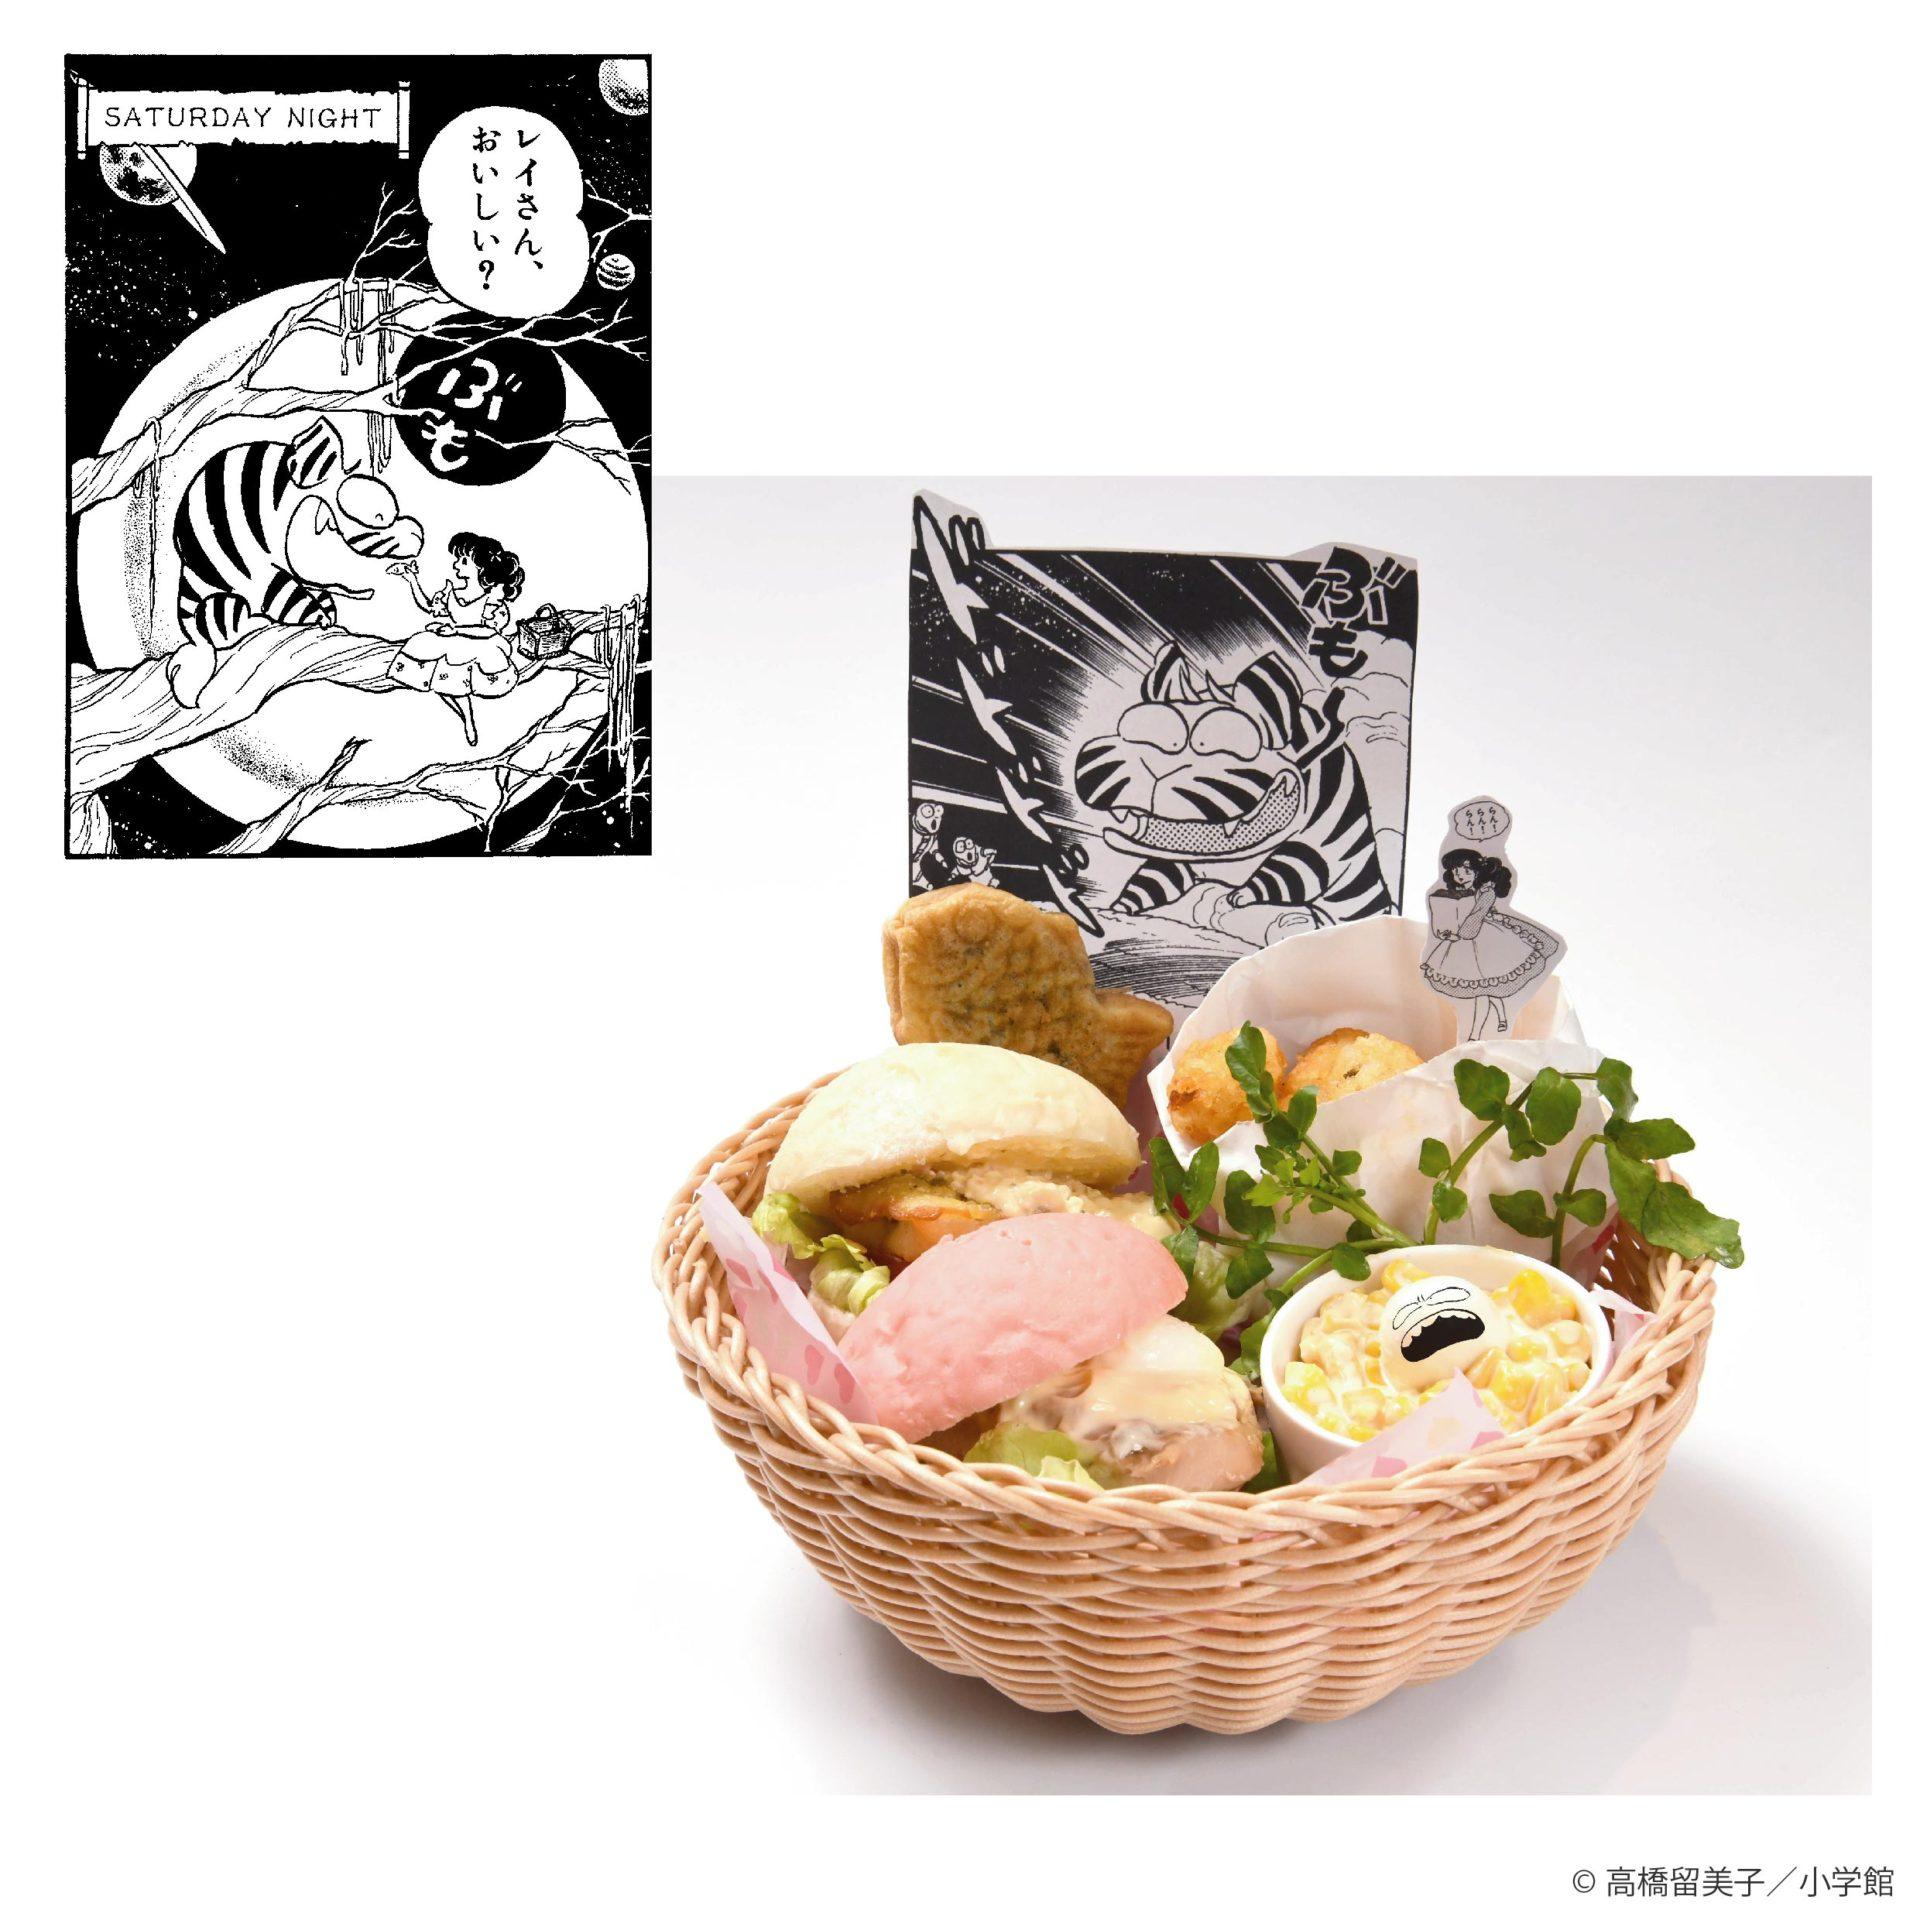 「うる星やつら」が帰ってきた!名古屋パルコでコラボカフェが開催中 - urusei02